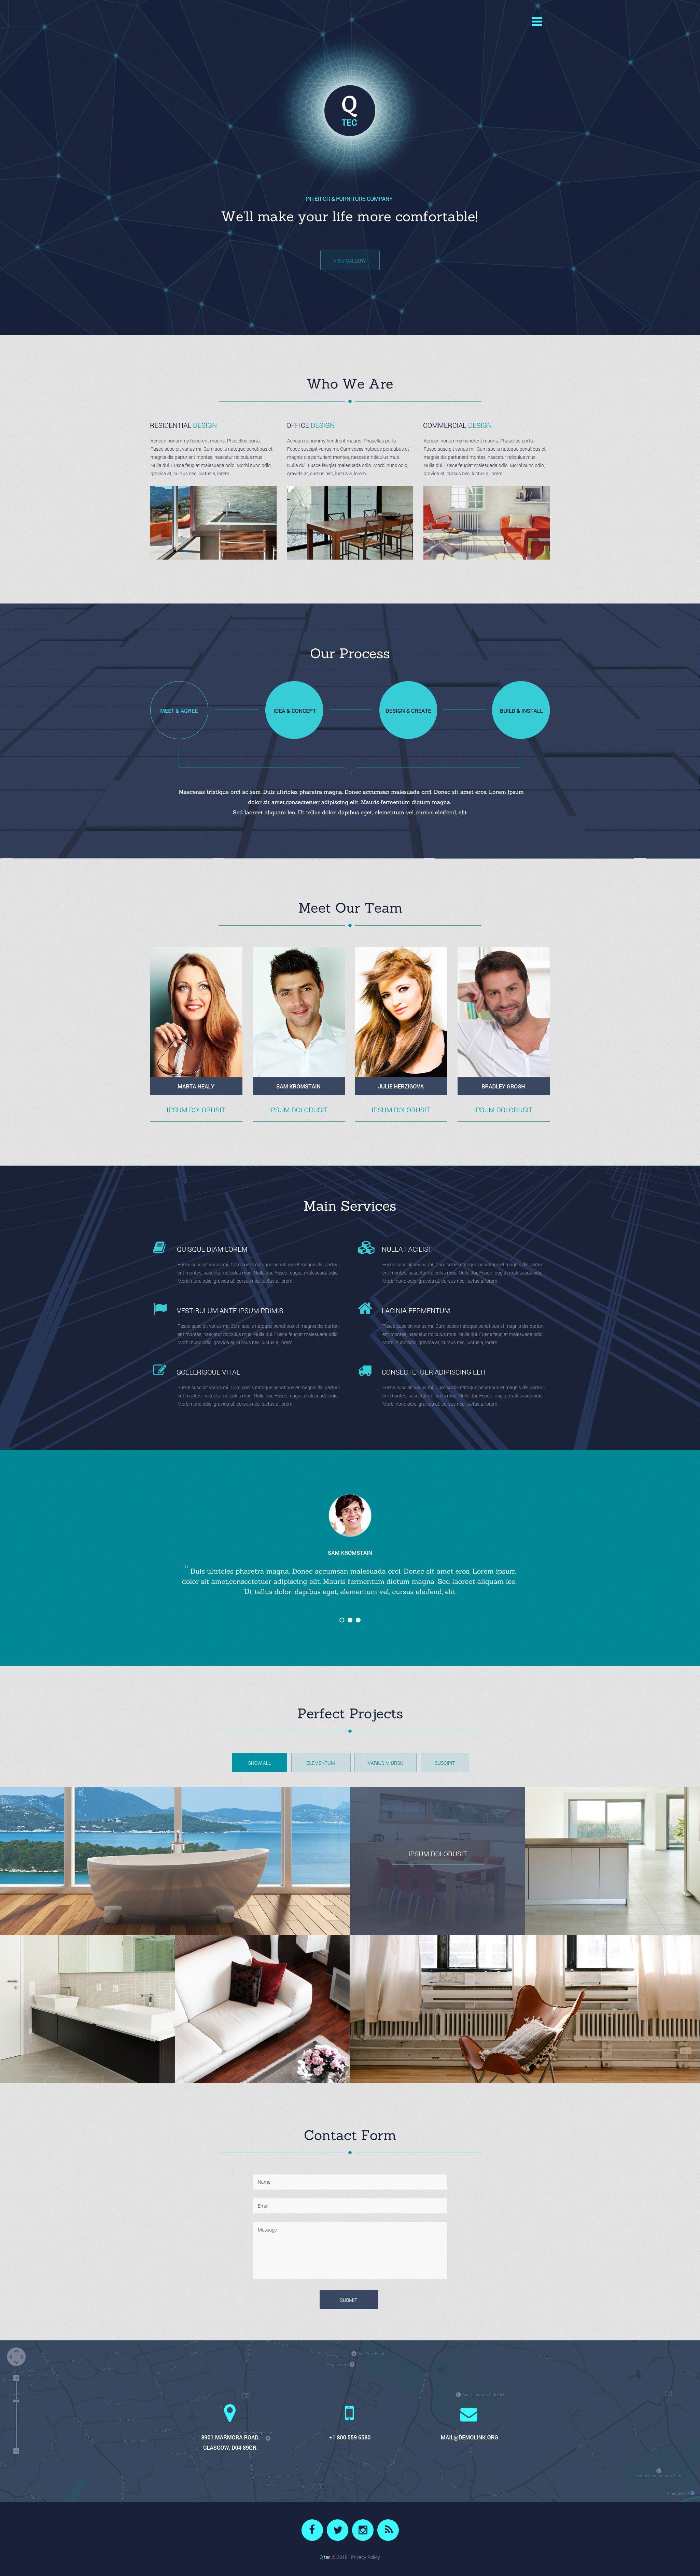 Responsywny szablon strony www Interior  Furniture #55614 - zrzut ekranu